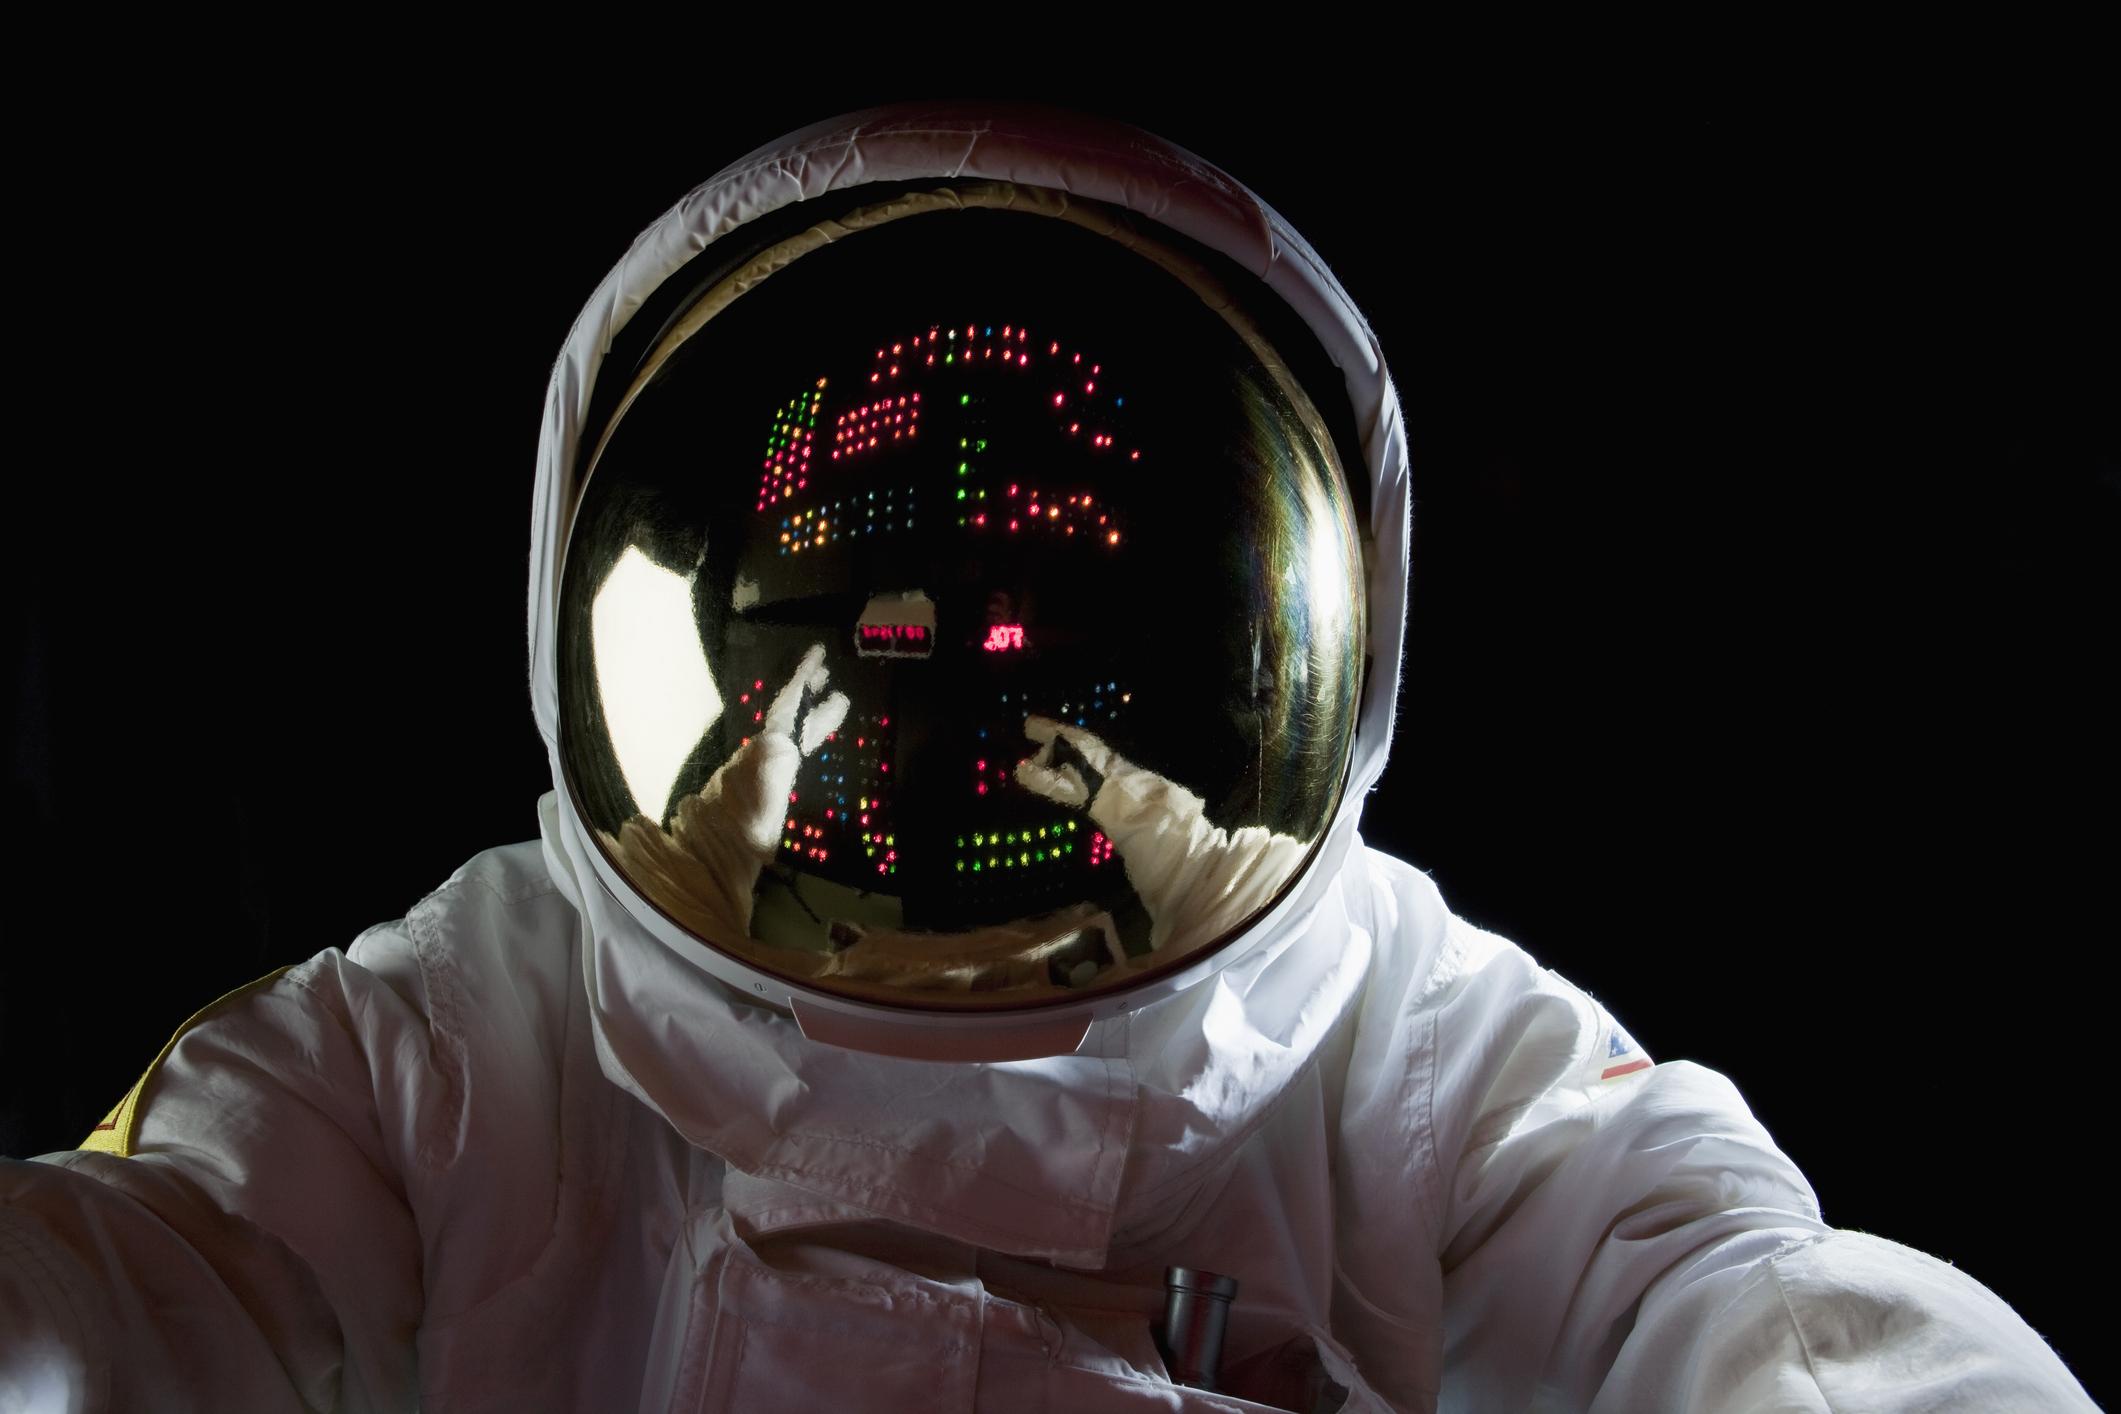 Космонавт описал план на случай встречи с инопланетянами